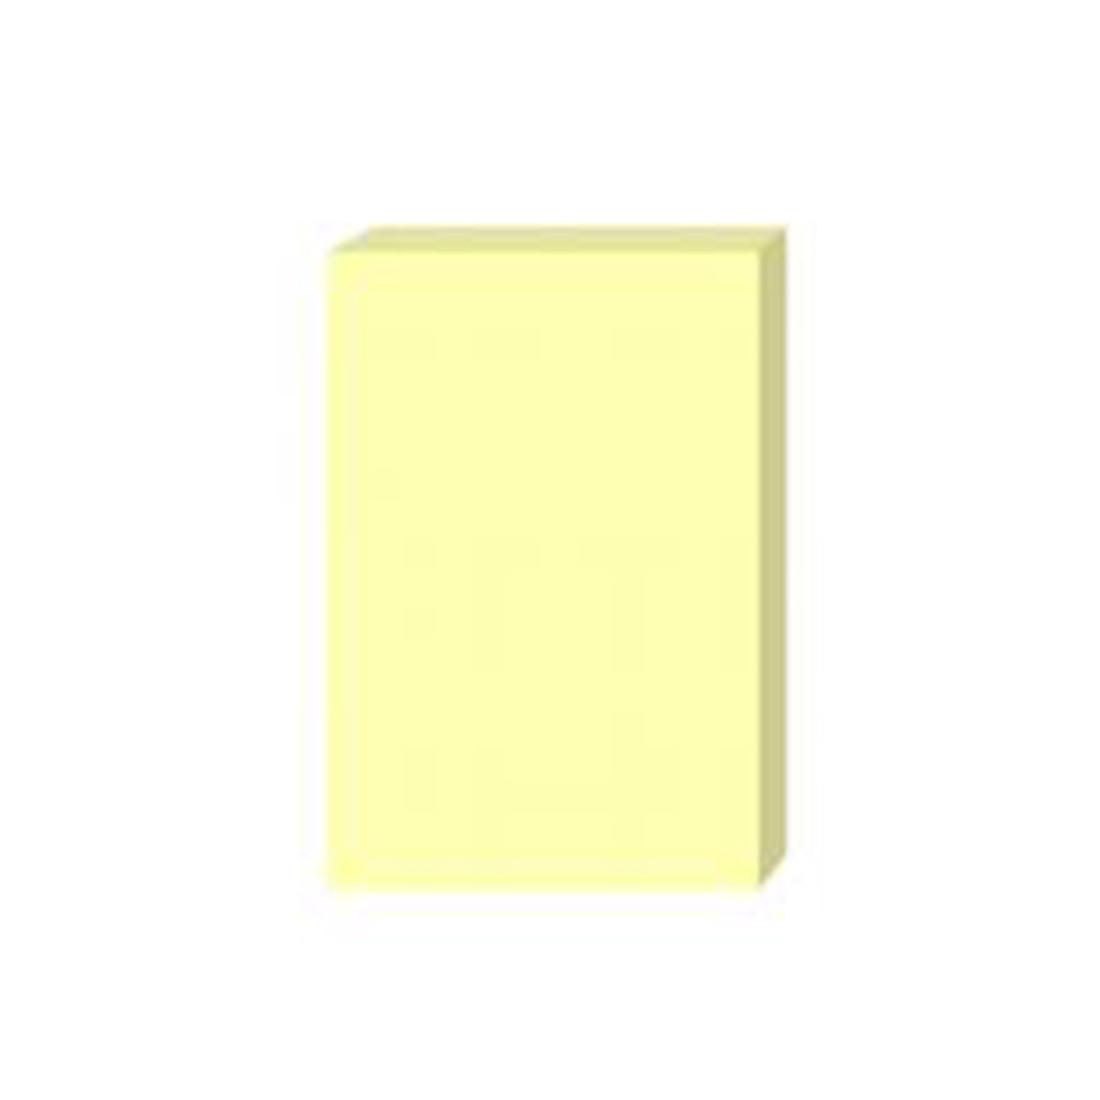 Стикеры бумажные самоклеющиеся Comix (76х101 мм, 100 л, Жёлтый)